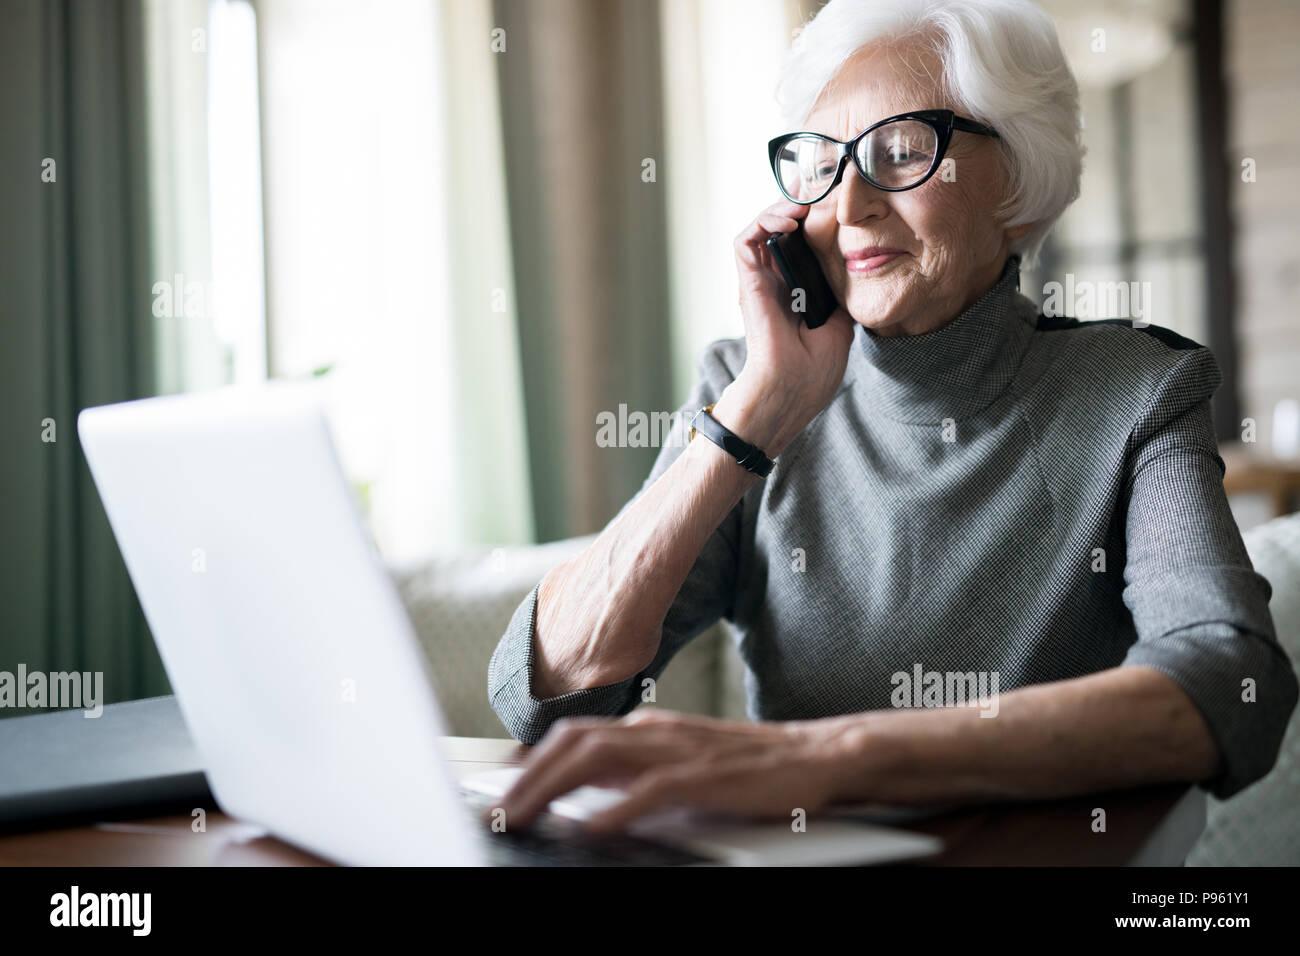 Femme senior d'avoir une conversation au téléphone Photo Stock